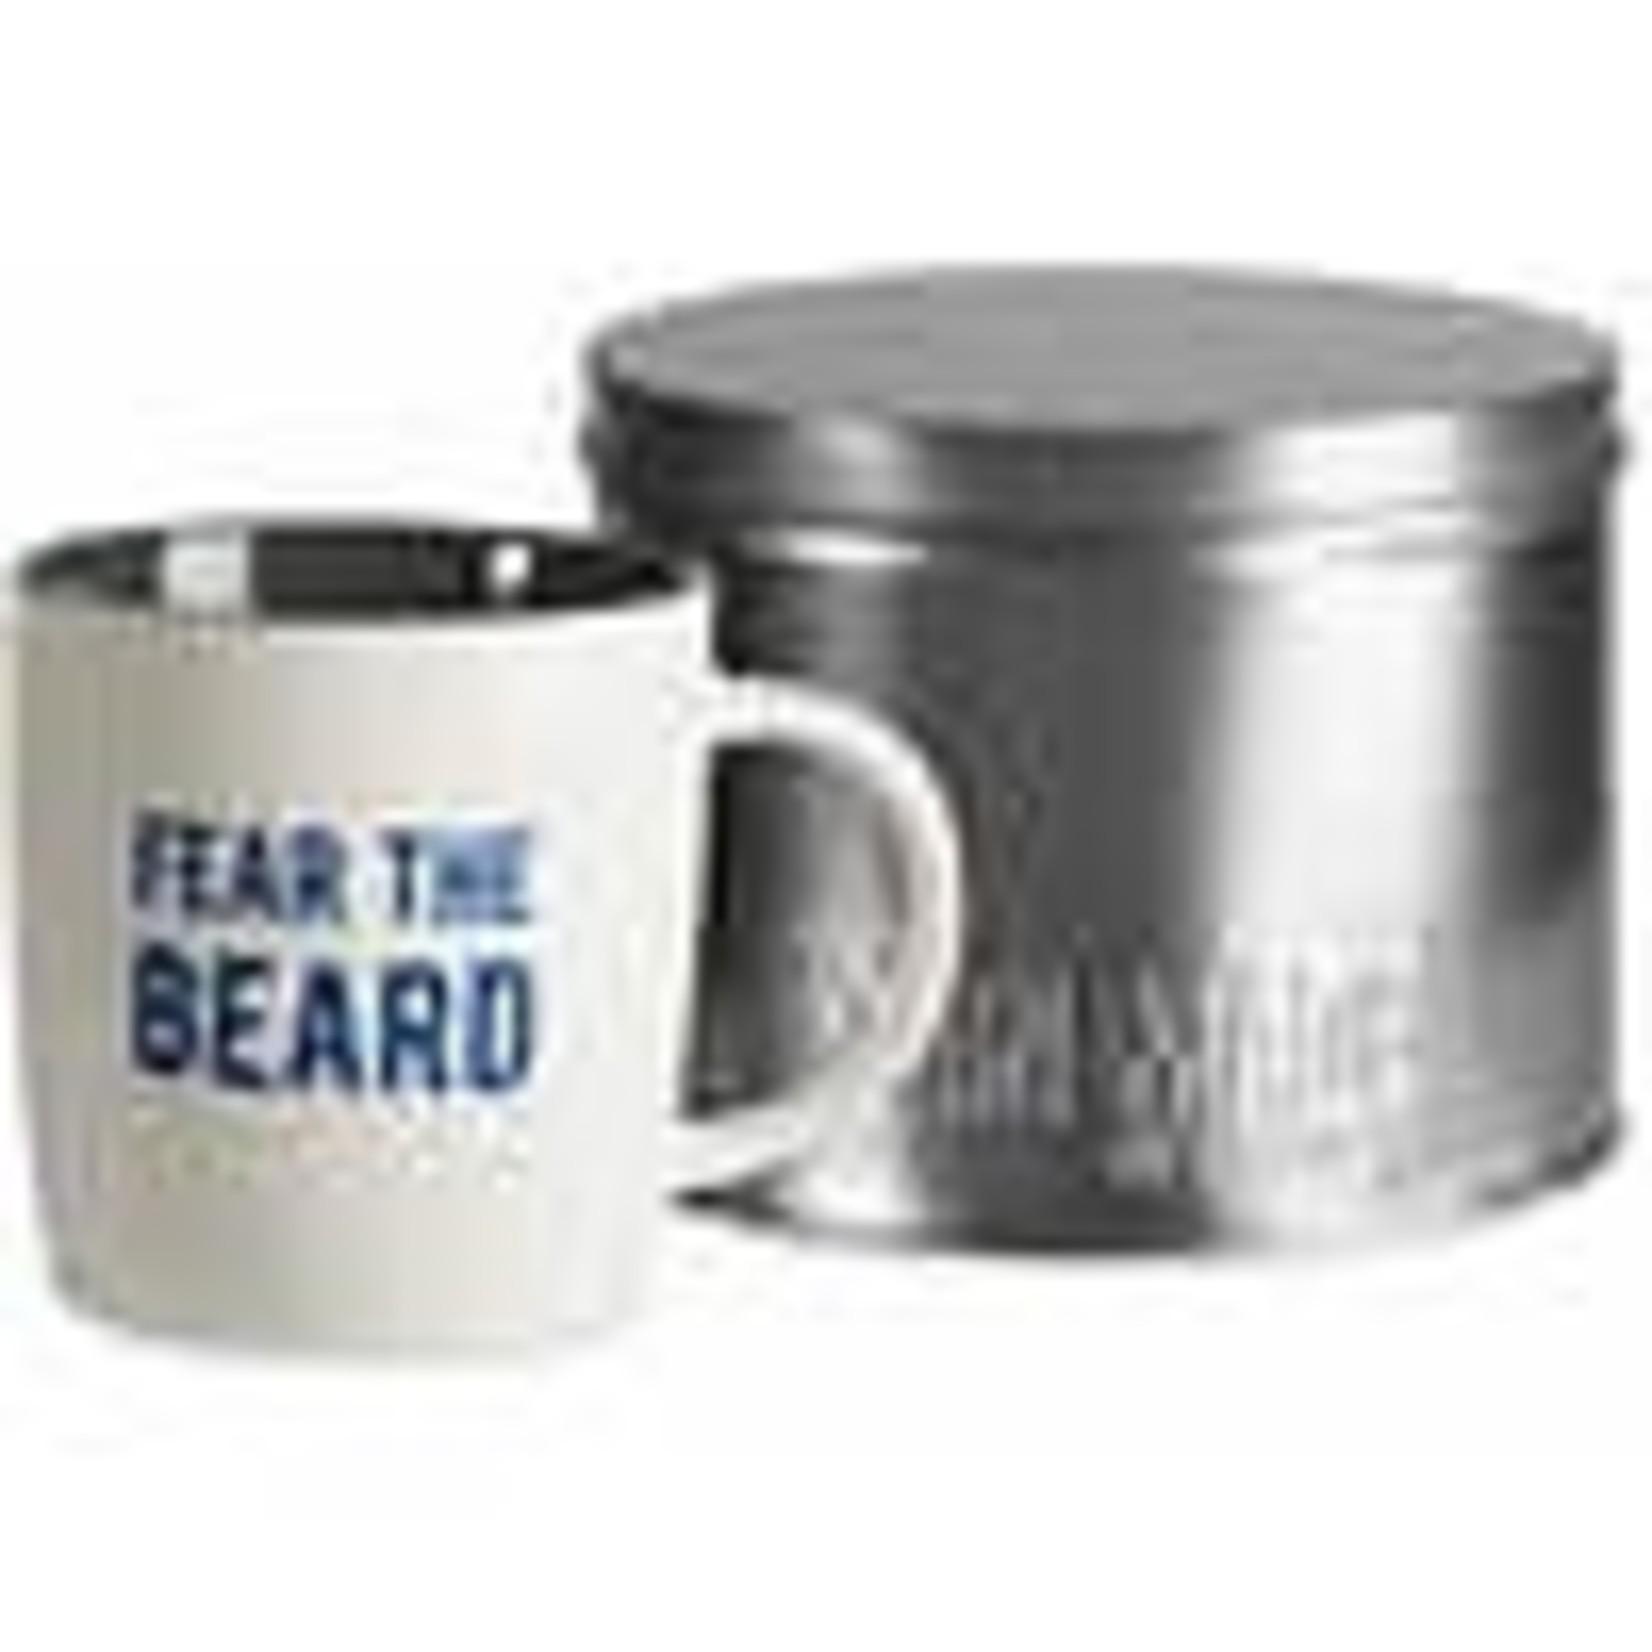 Pavillion Fear the Beard - 12 oz Cup with Gift Tin